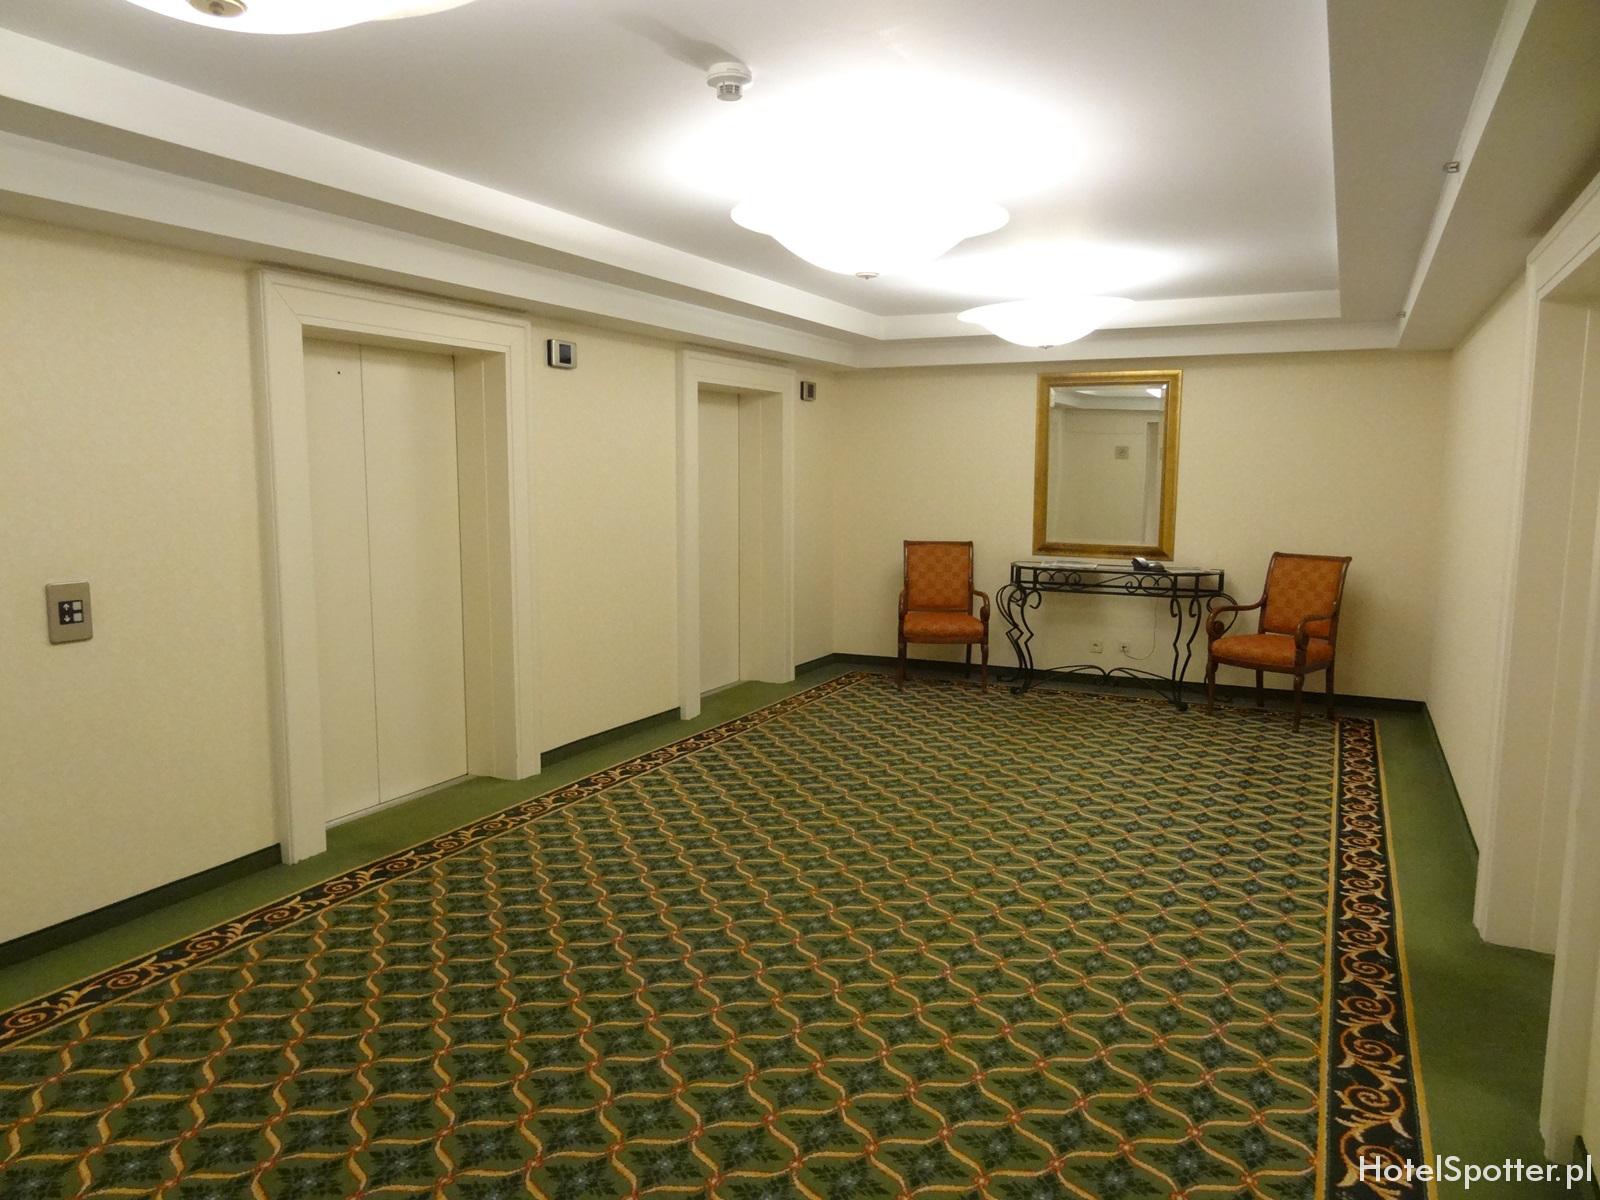 Hotel Marriott Warszawa - stary korytarz